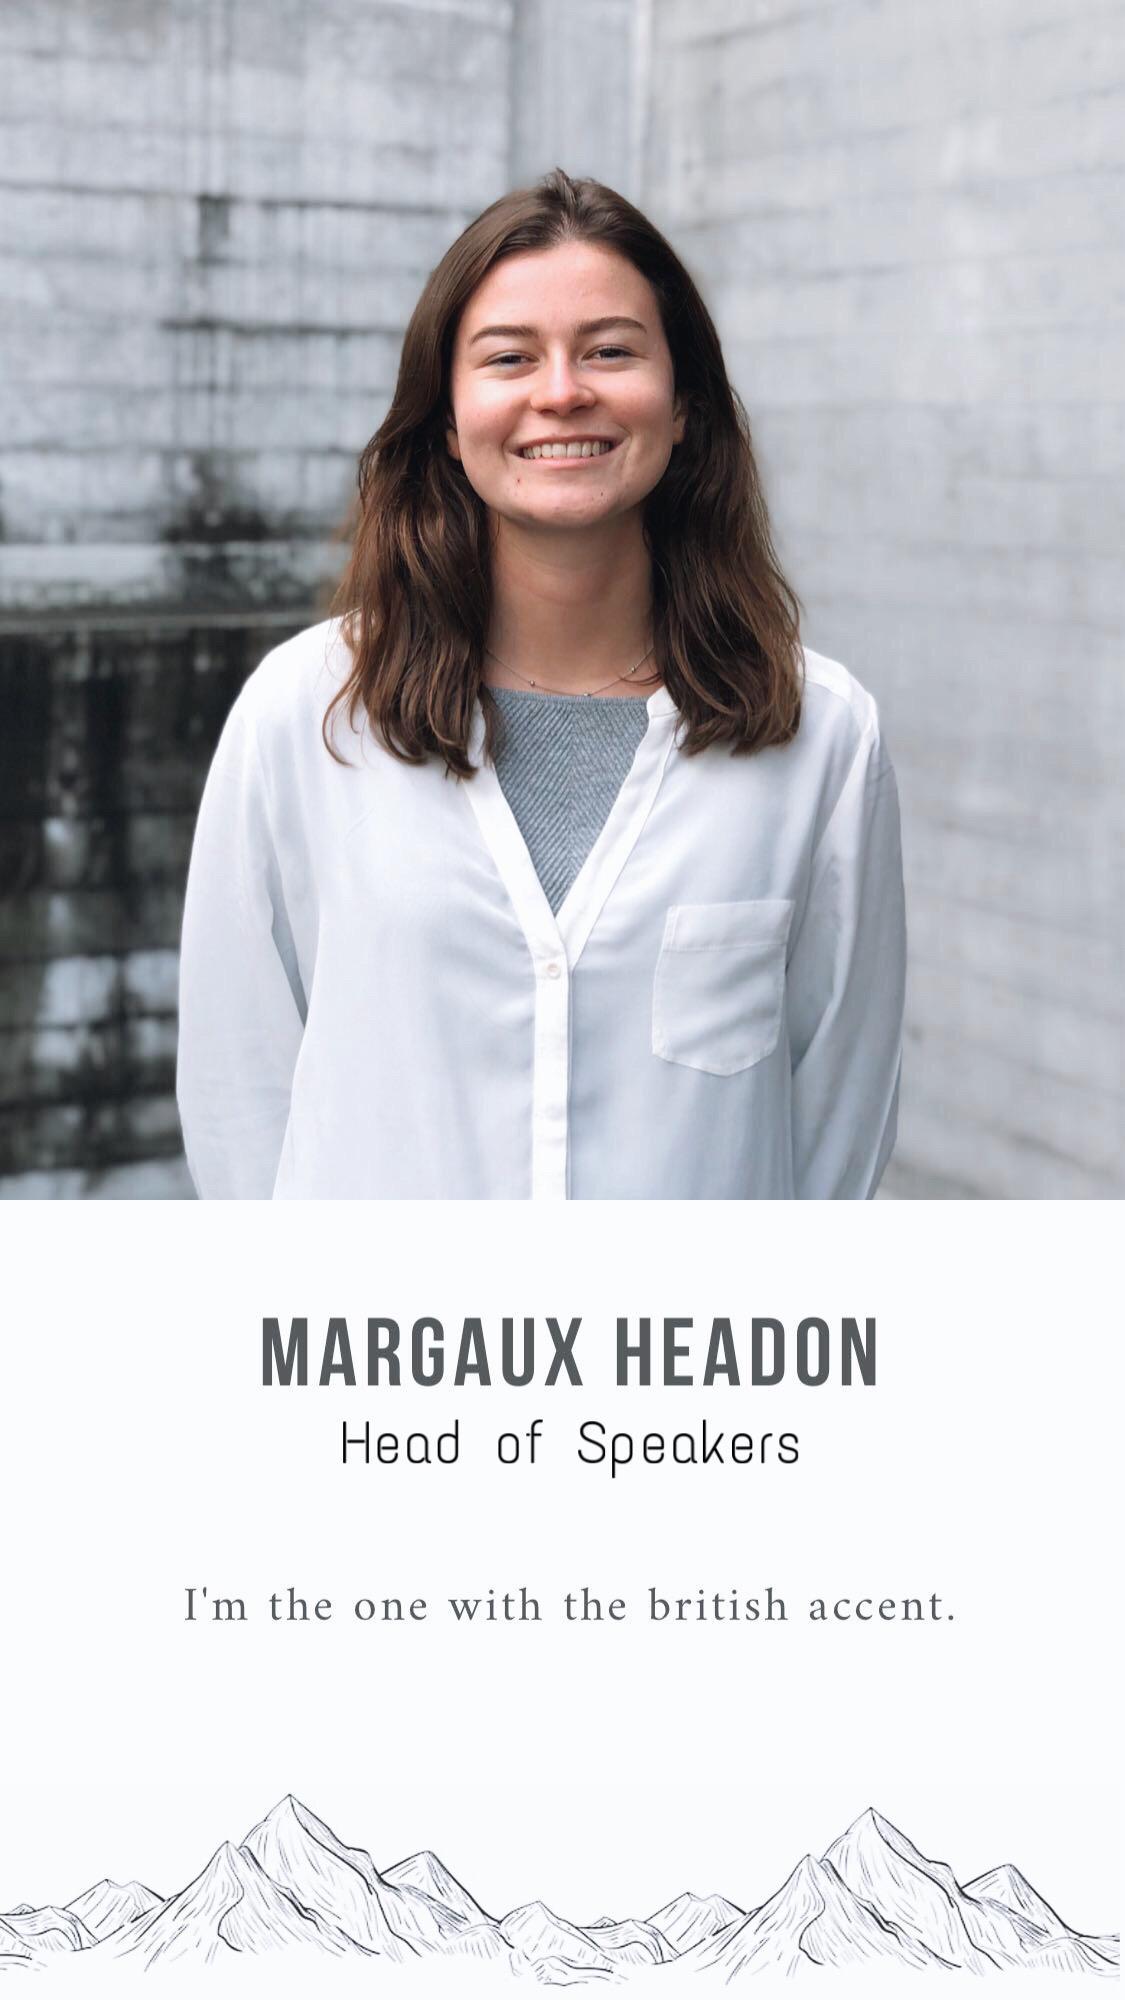 Head Speakers, Margaux Headon.jpg